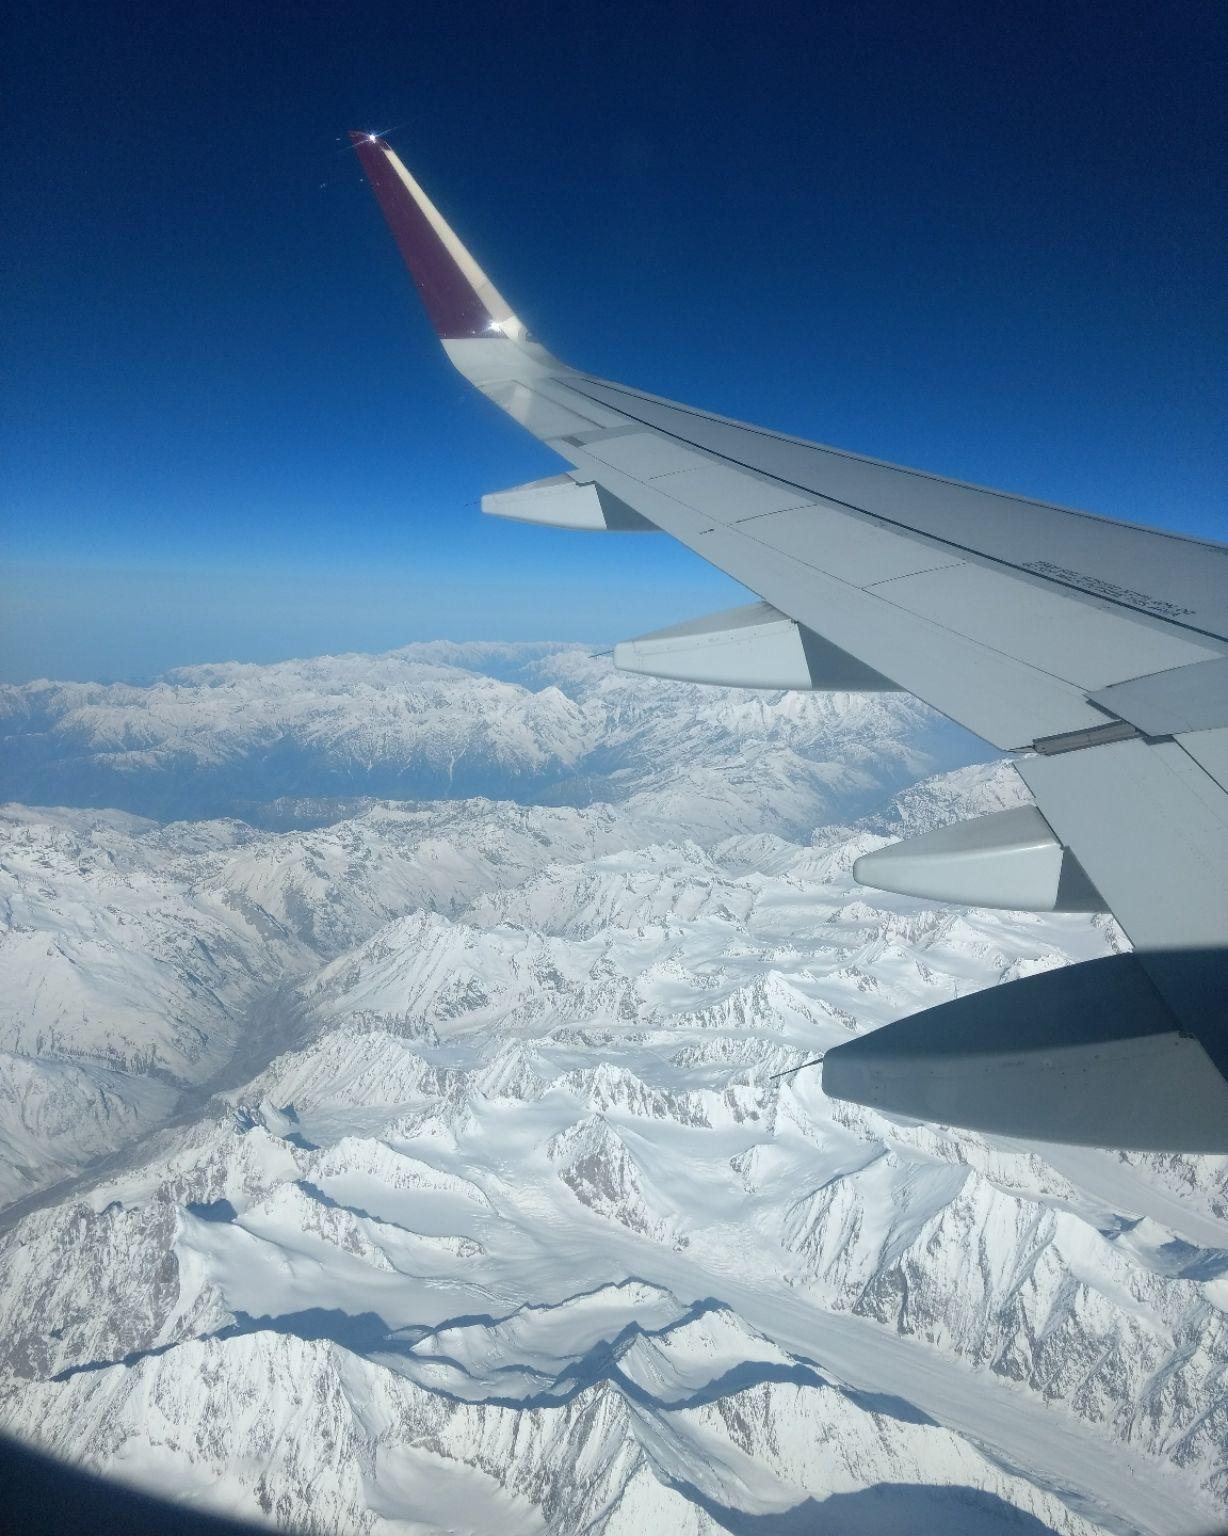 Photo of Ladakh By anubha jain